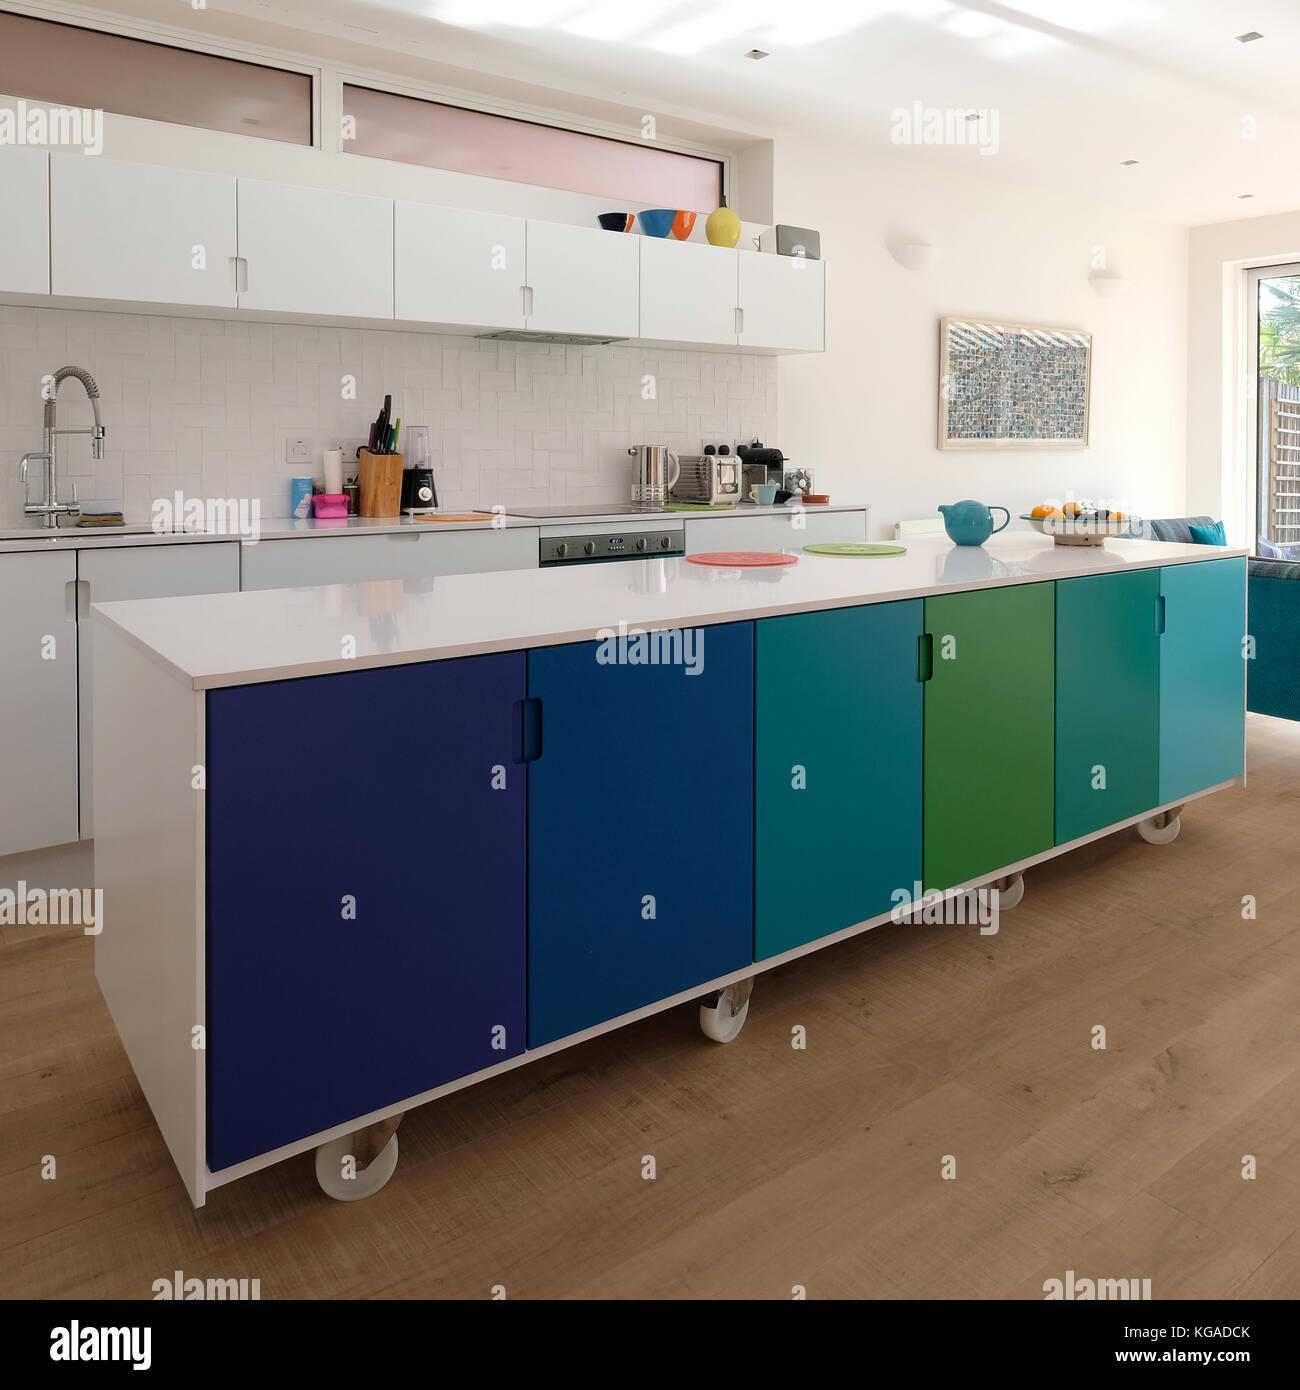 Plan De Travail Mobile l'île de cuisine mobile sur roues pivotantes design rétro